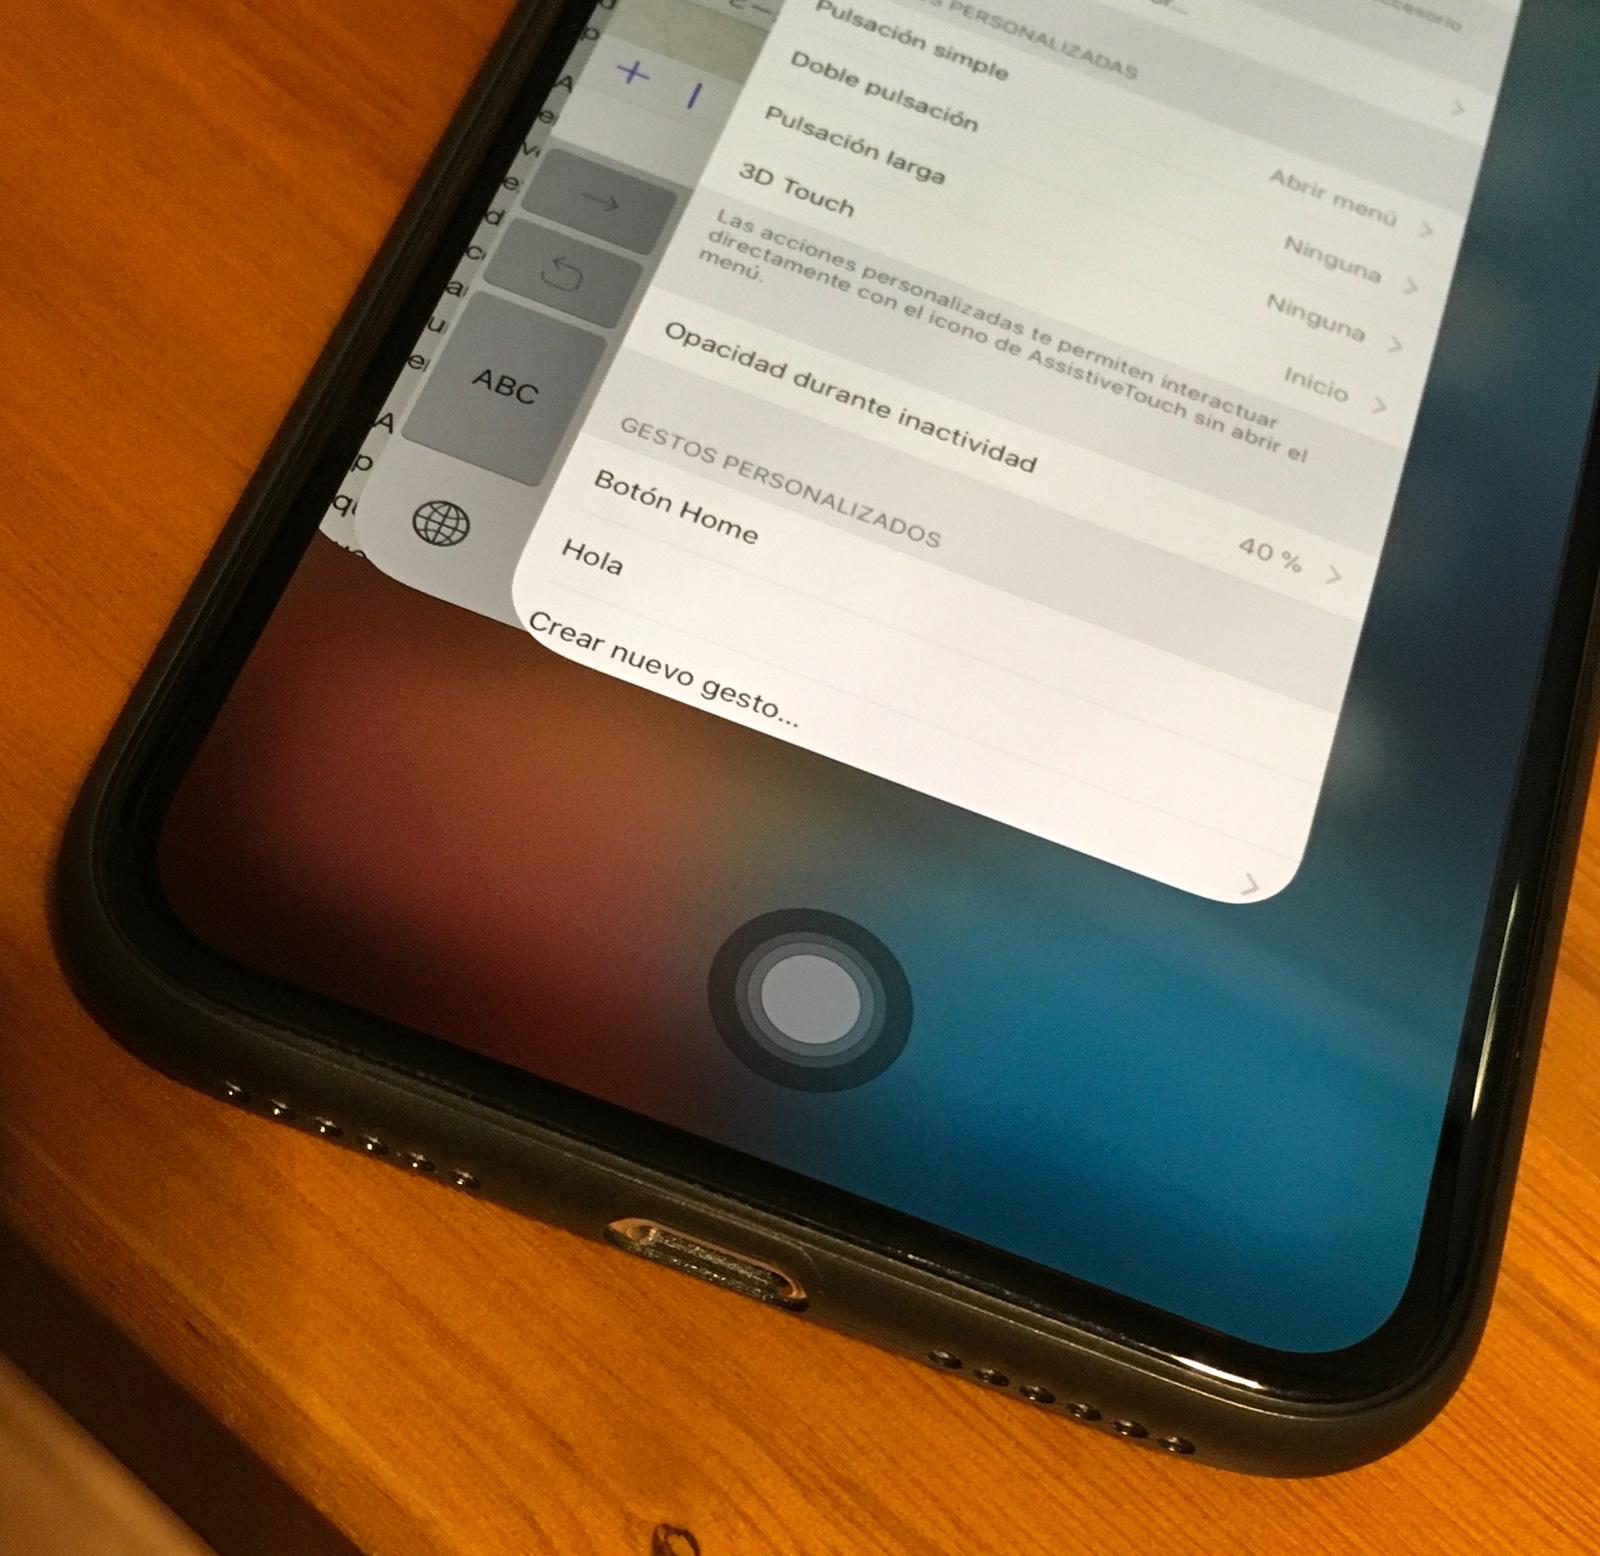 Botón Home virtual en el iPhone X